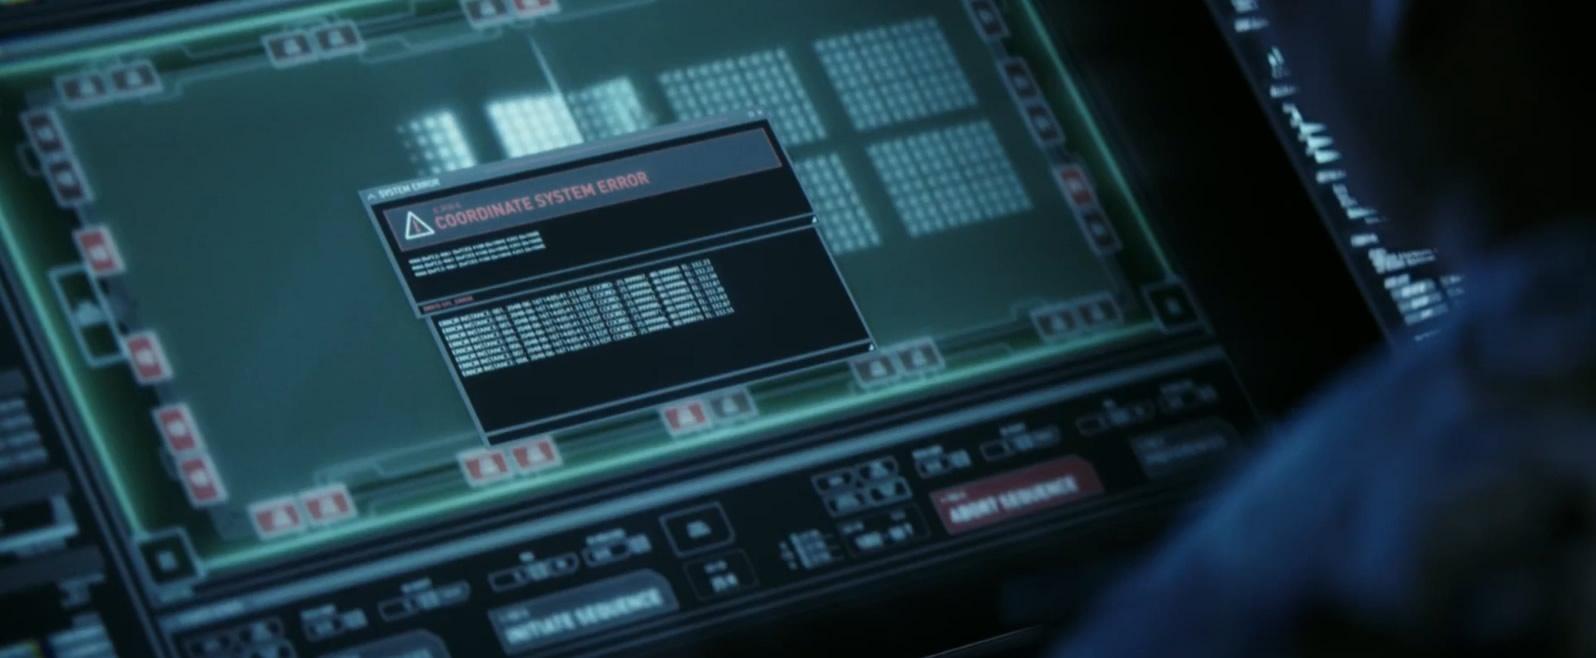 a guerra do amanha erro sistema de coordenadas salto para futuro - A Guerra do Amanhã - Análise e Teoria sobre o final da Ficção Científica com Chris Pratt na Amazon Prime Video